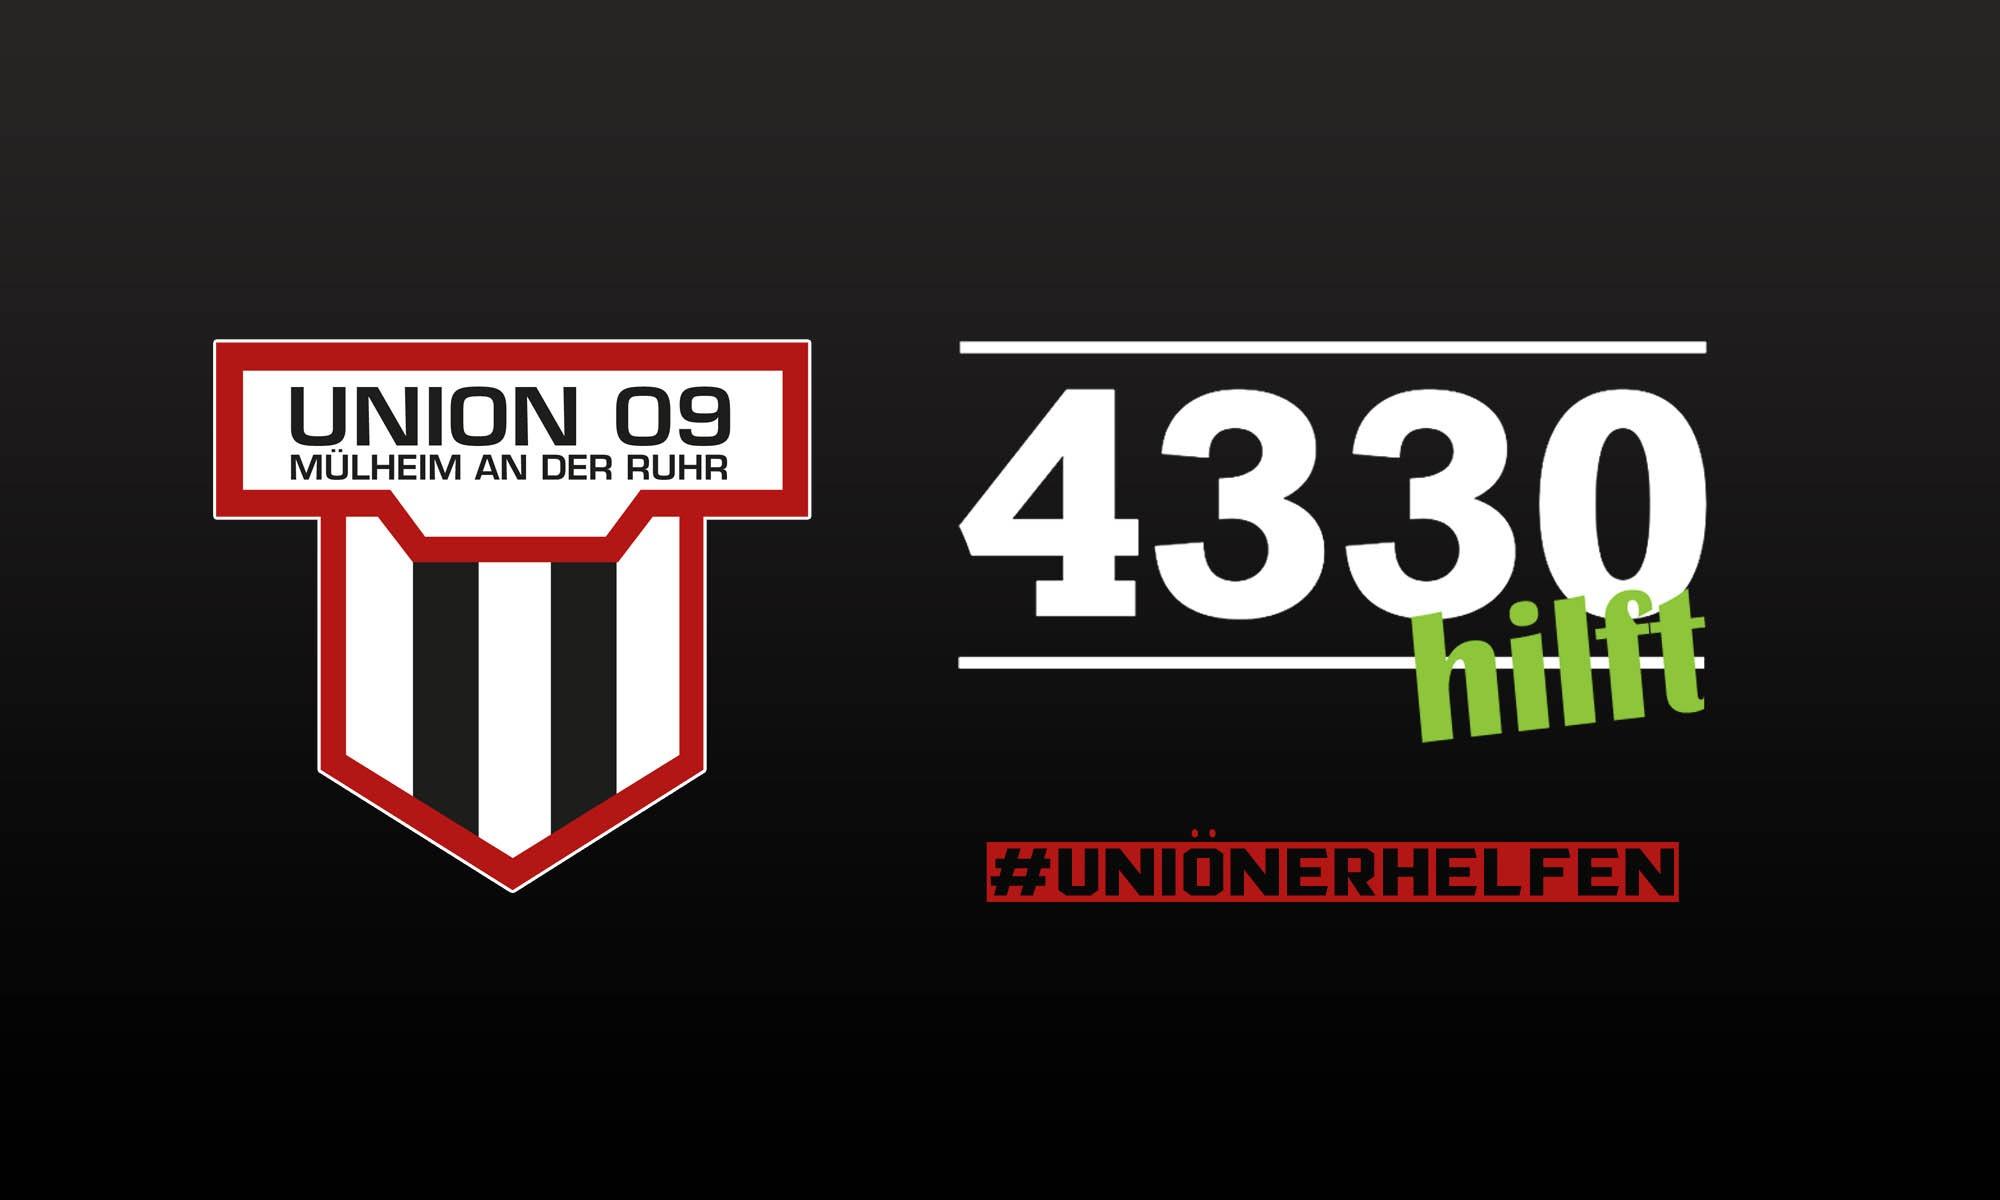 4330 hilft & Uniöner machen mit!